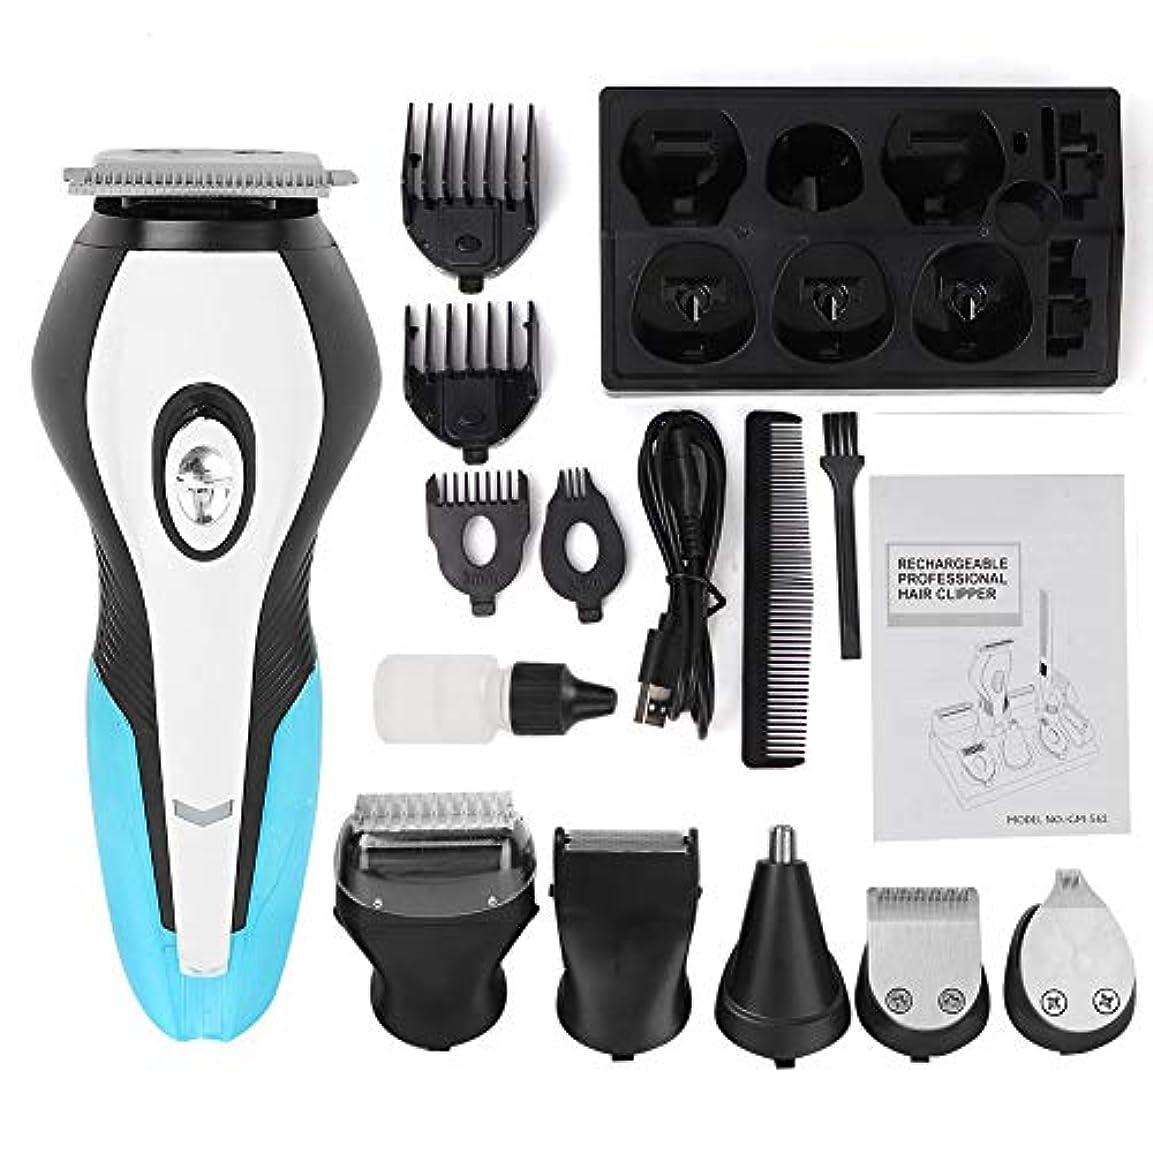 代数通信するまたは6つの交換可能なカッターヘッドが付いているひげの鼻毛のスタイリングの毛の取り外し機械のための多機能の電気かみそり